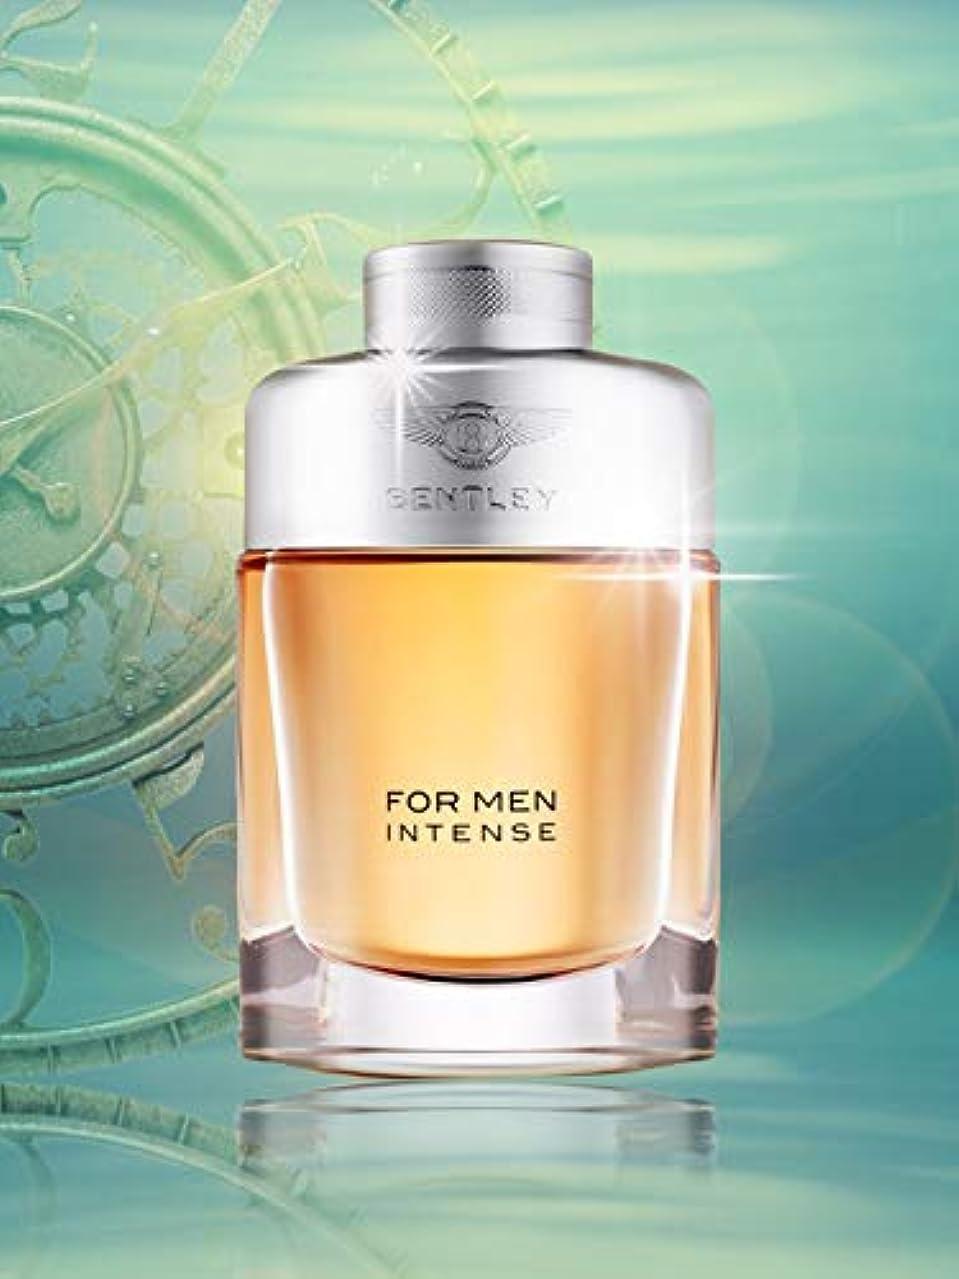 応答健康的昇るベントレー Intense Eau De Parfum Spray